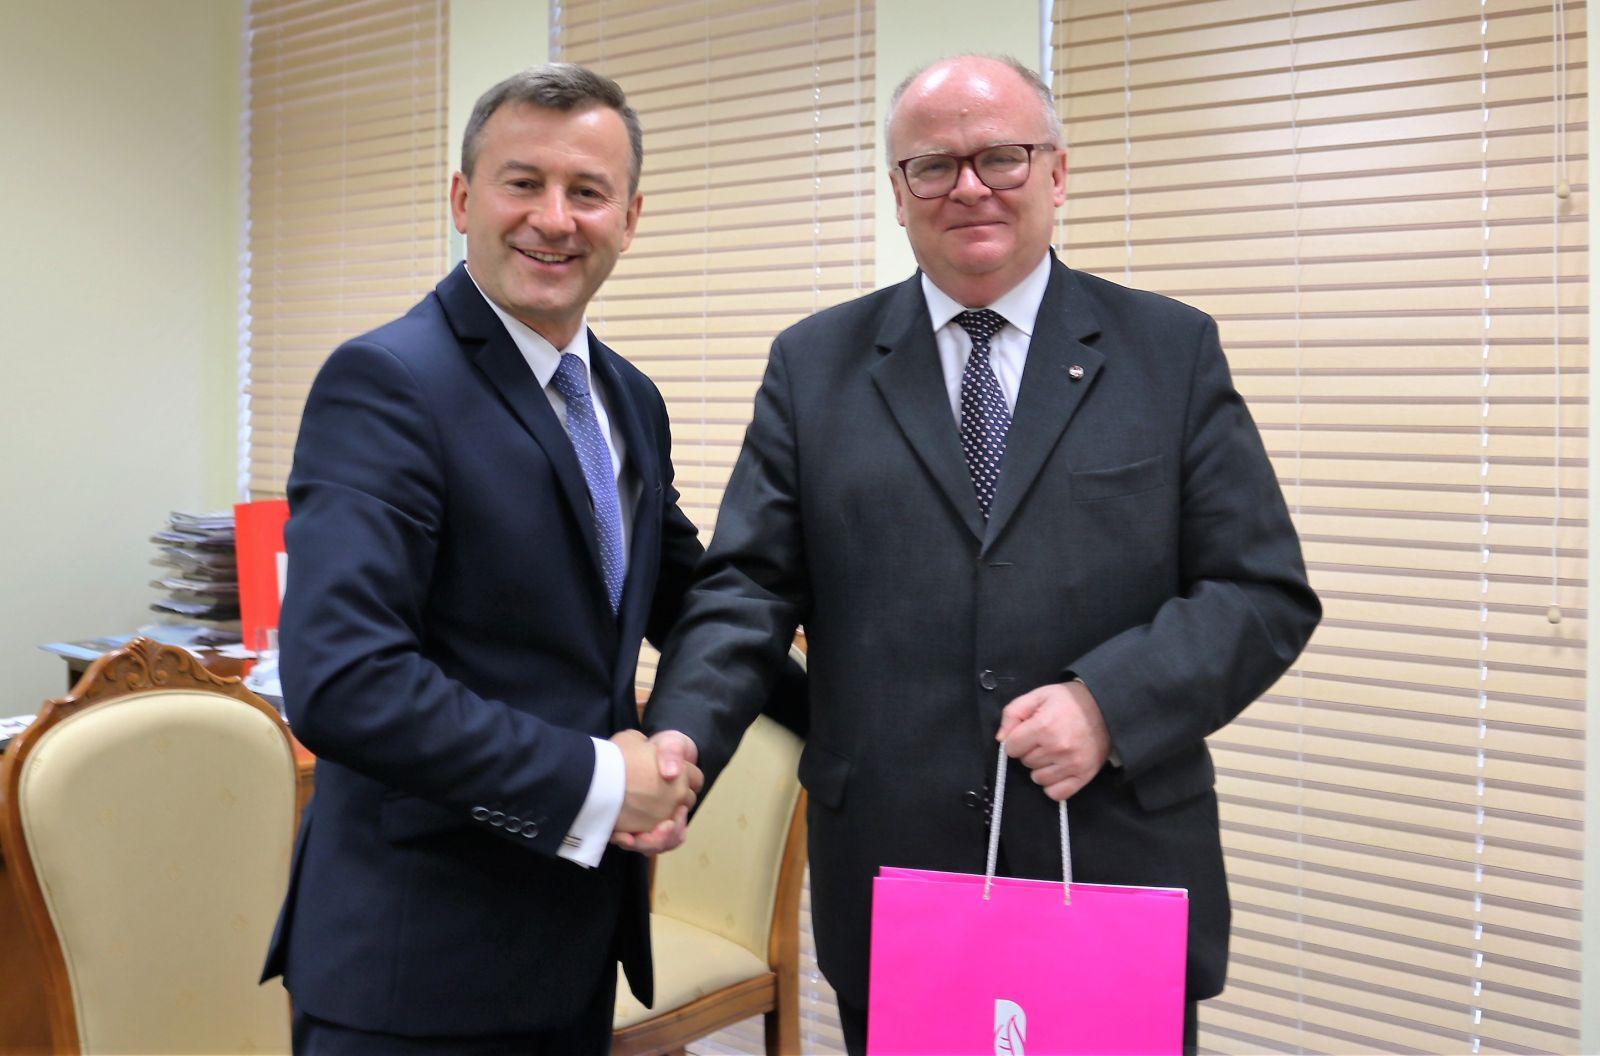 Spotkanie Wicemarszałka z Ambasadorem Republiki Austrii